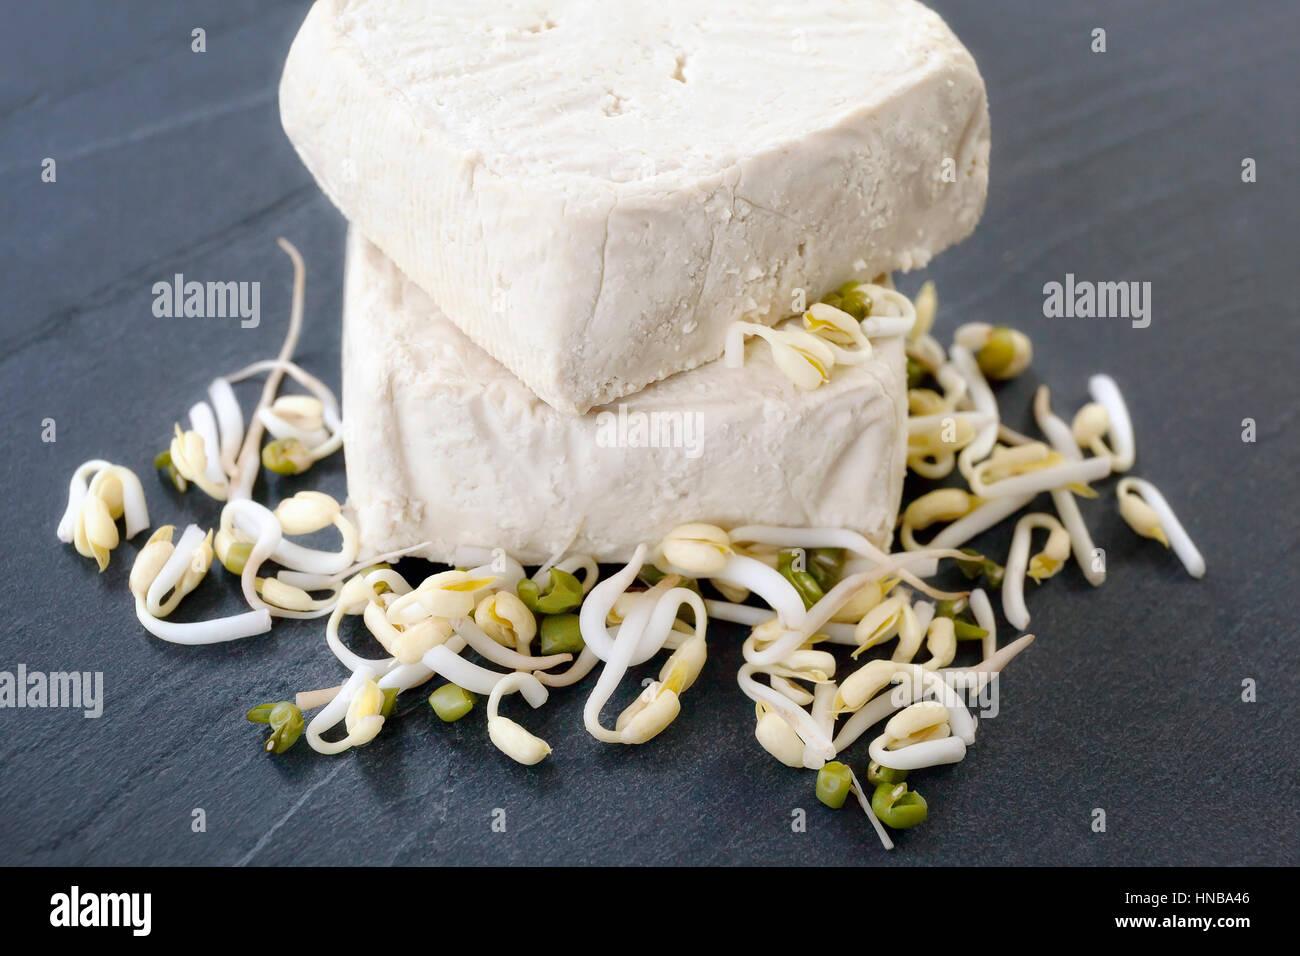 Materias tofu pedazos sobre una base de piedra de la junta y de la soja, la materia prima a partir de la cual obtenemos Foto de stock